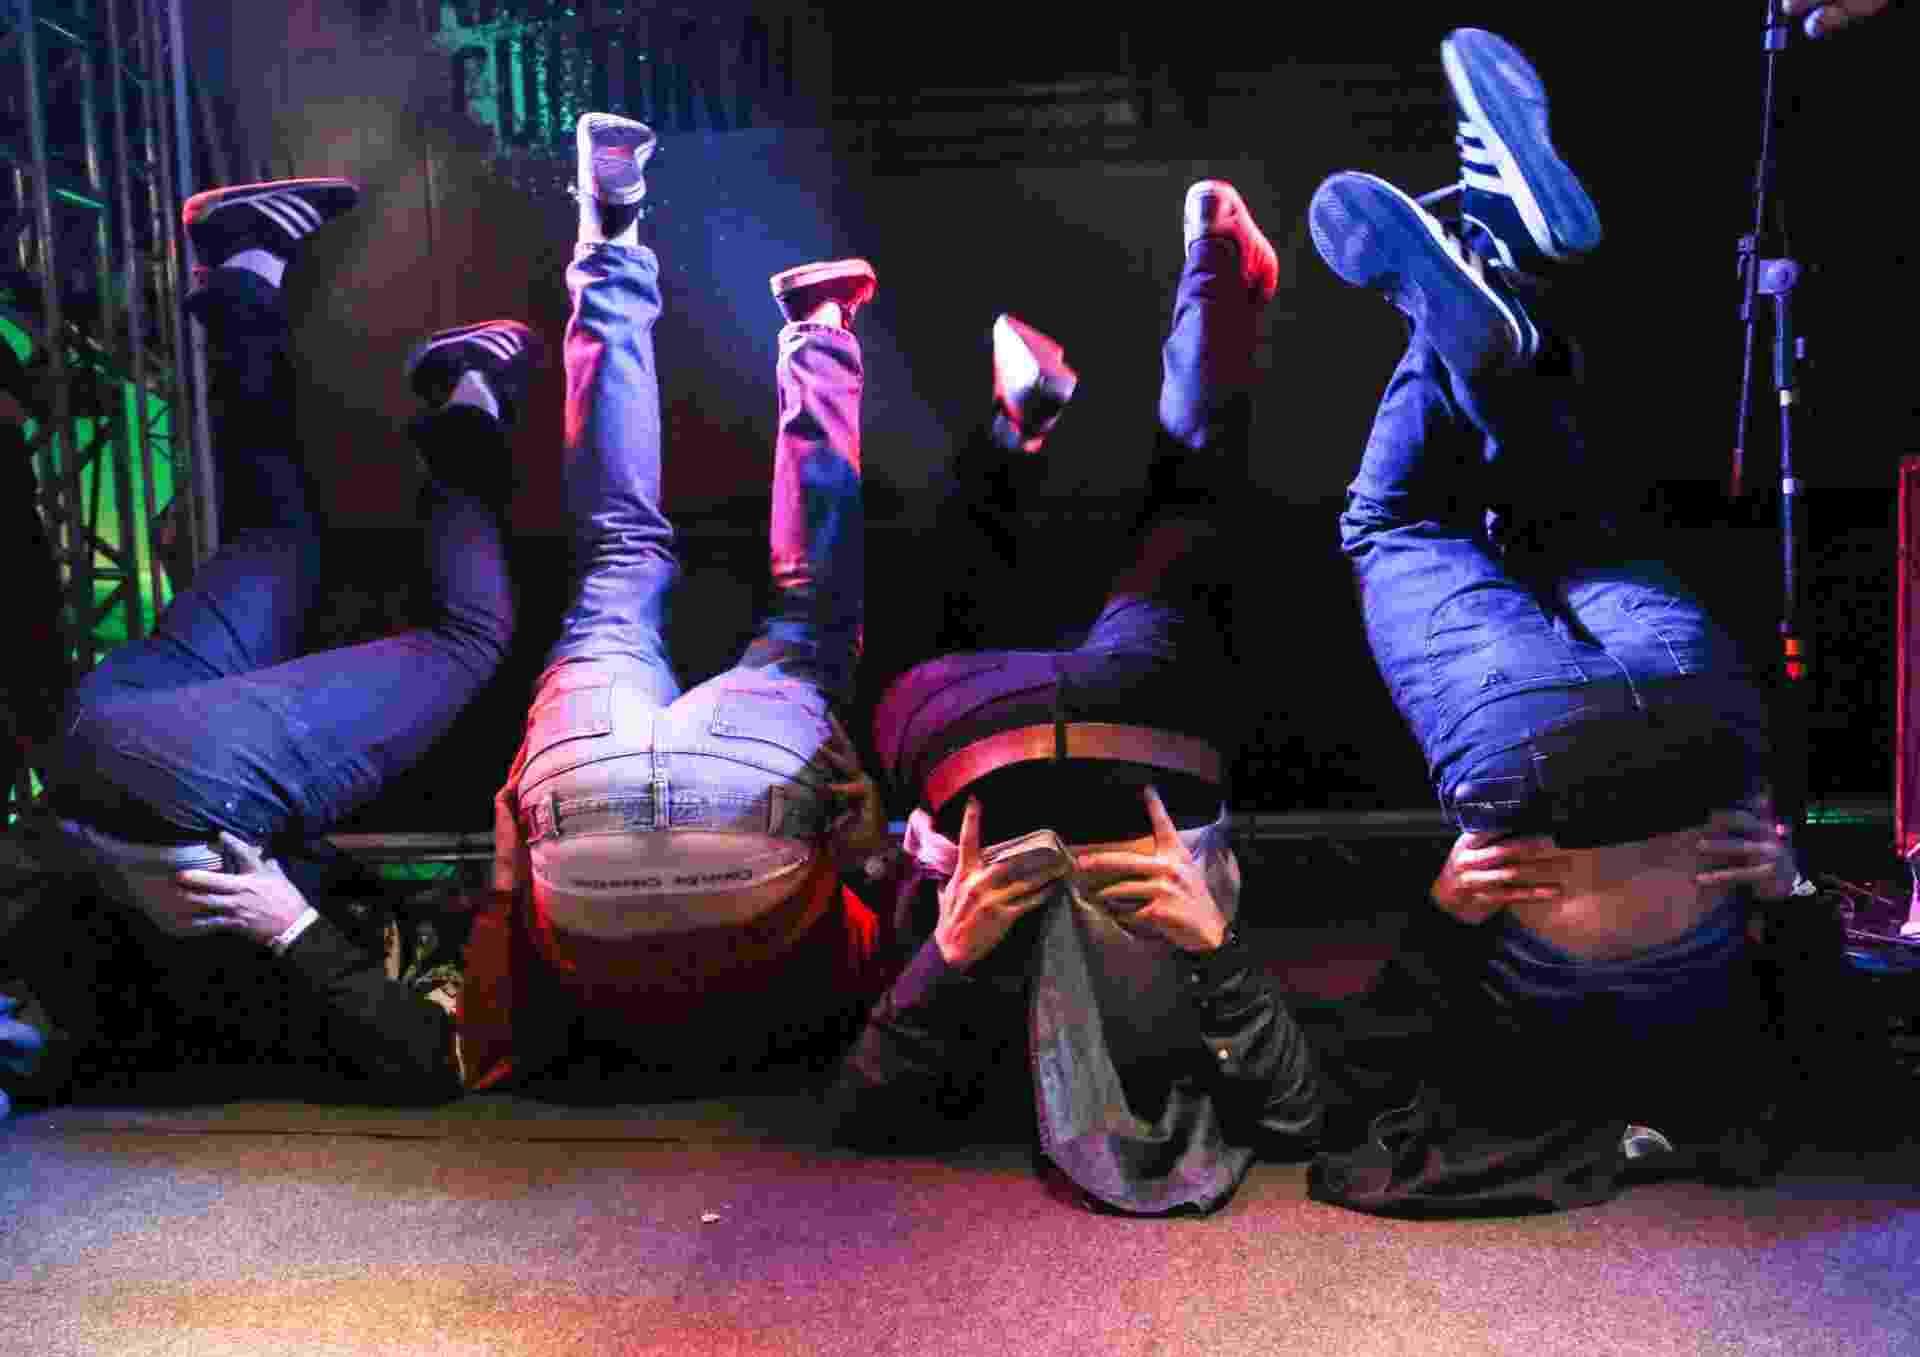 """18.mai.2013 - O humorista Danilo Gentili terminou sua apresentação no Palco Stand Up da Virada puxando os passos da dança """"Quadradinho de Oito"""". Todos os humoristas no palco também seguiram os passos do comediante e entraram na brincadeira. - William Volcov/Brazil Photo Press/Conteúdo Estadão"""